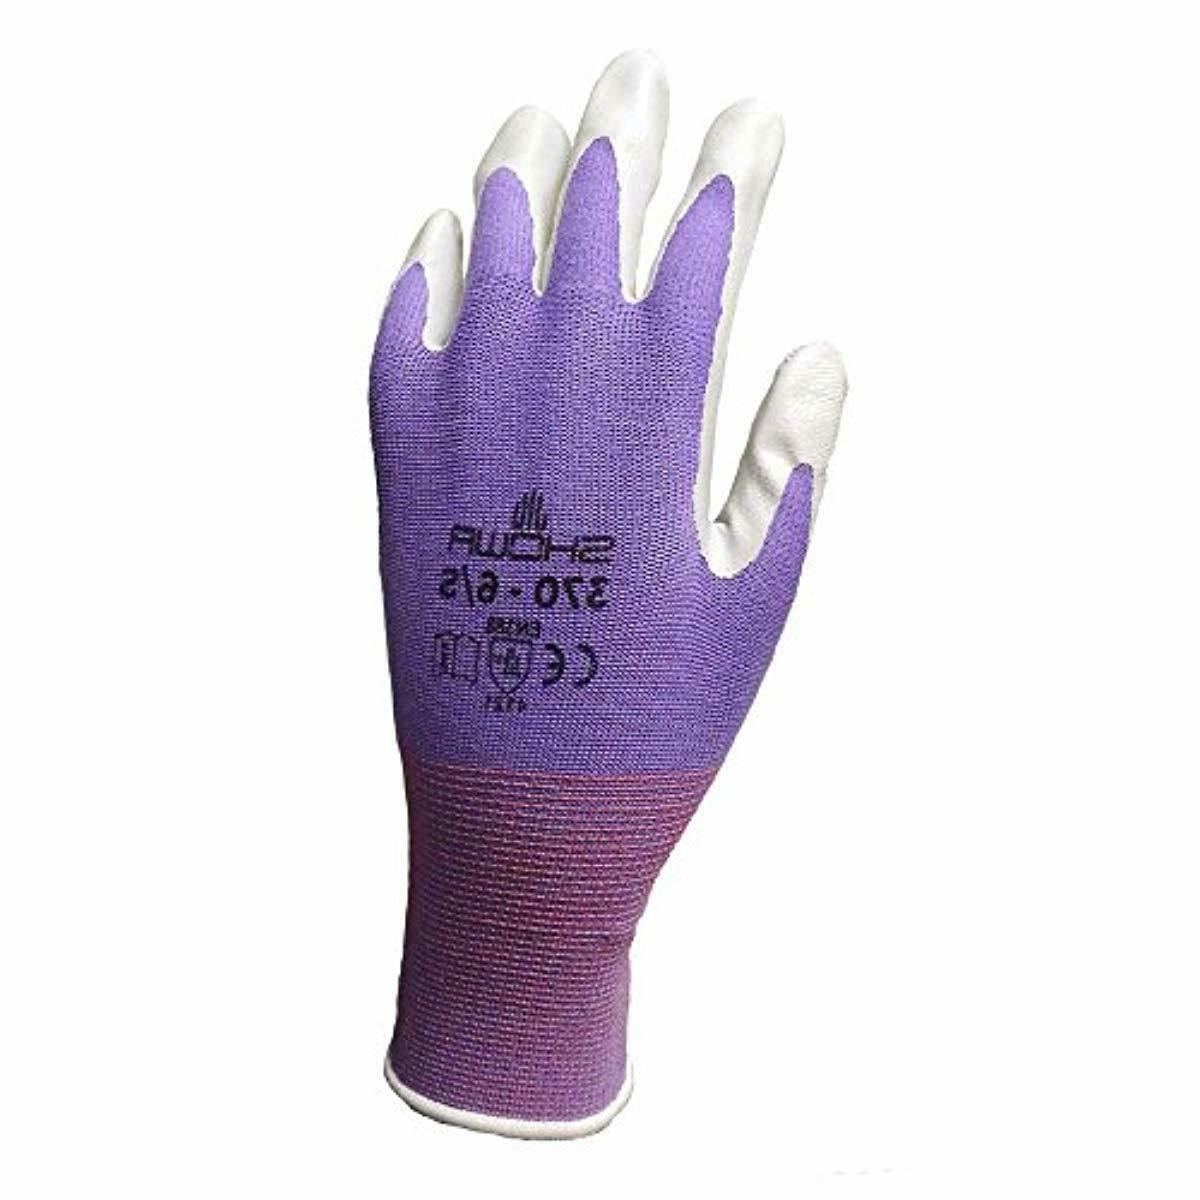 6 Pack Showa Atlas NT370 Nitrile Garden Gloves - Medium